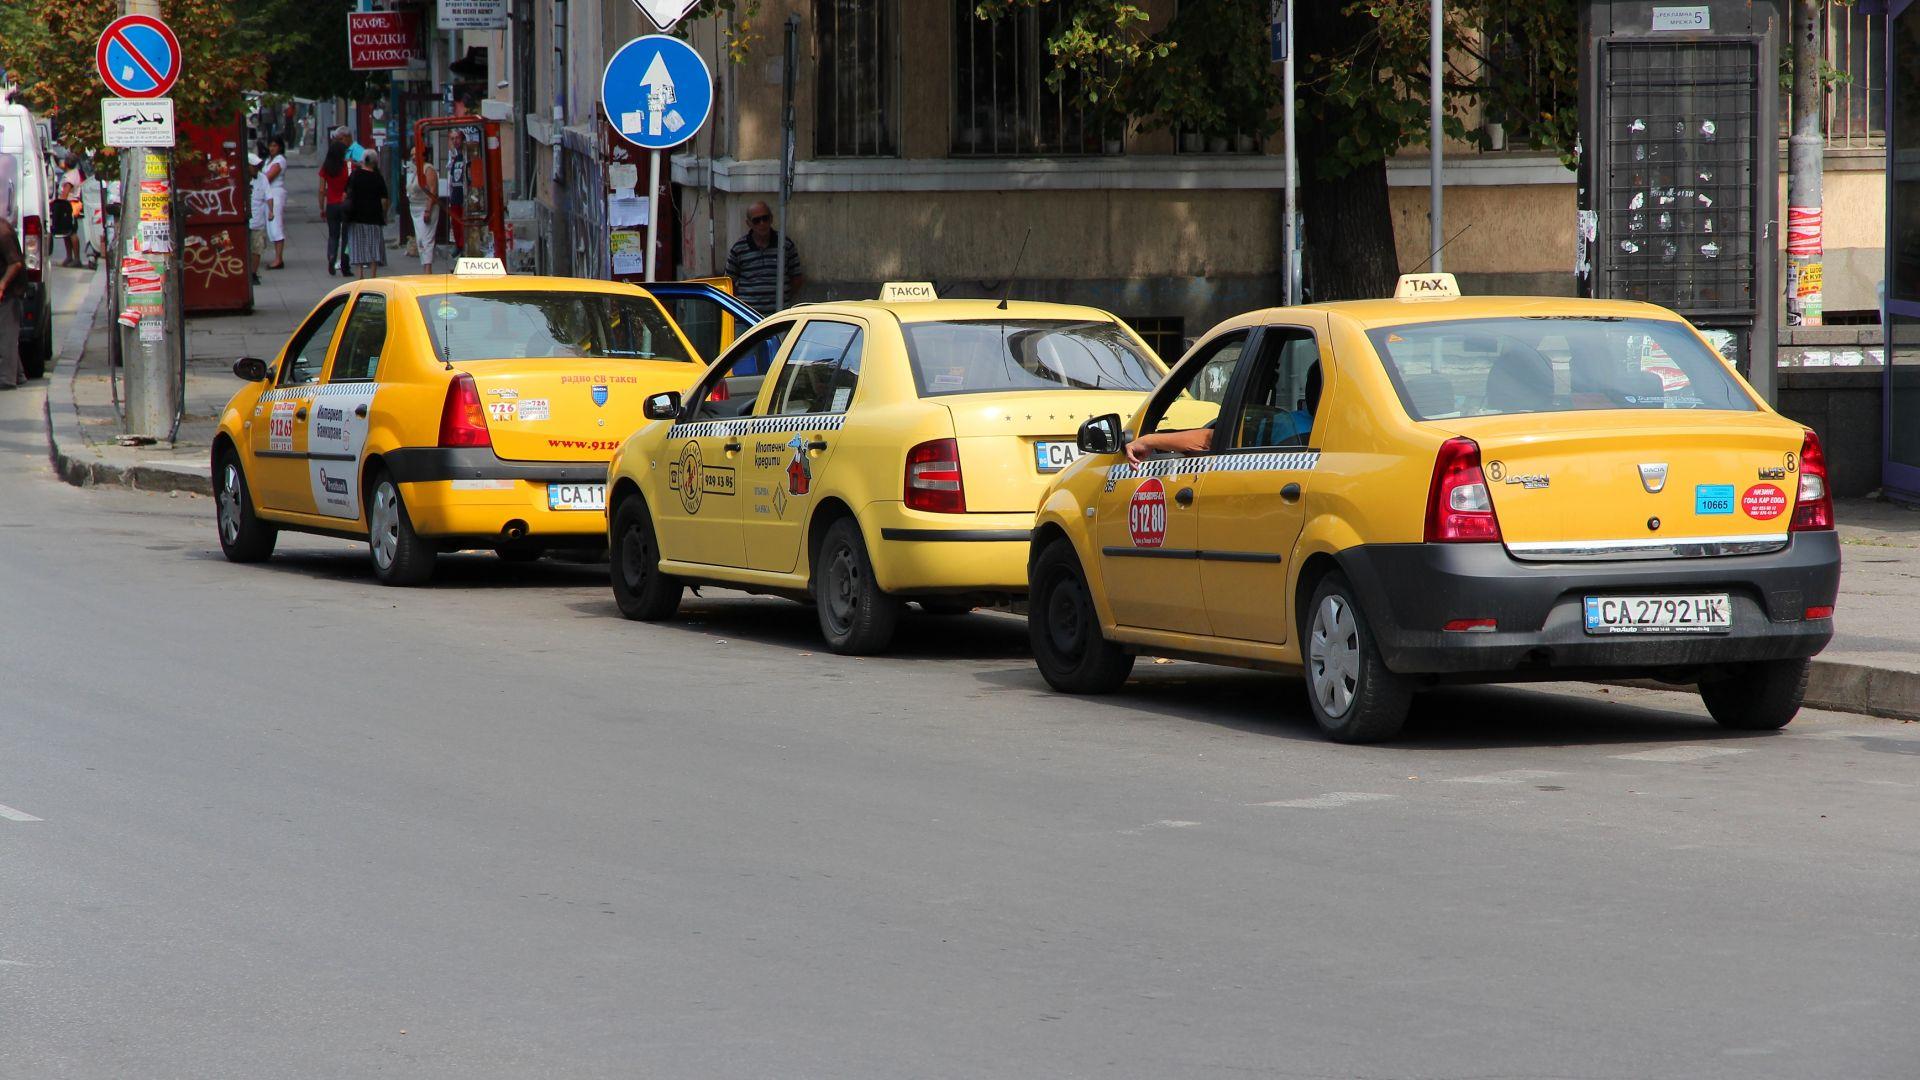 София остава без таксита, хиляди шофьори се отказали за година